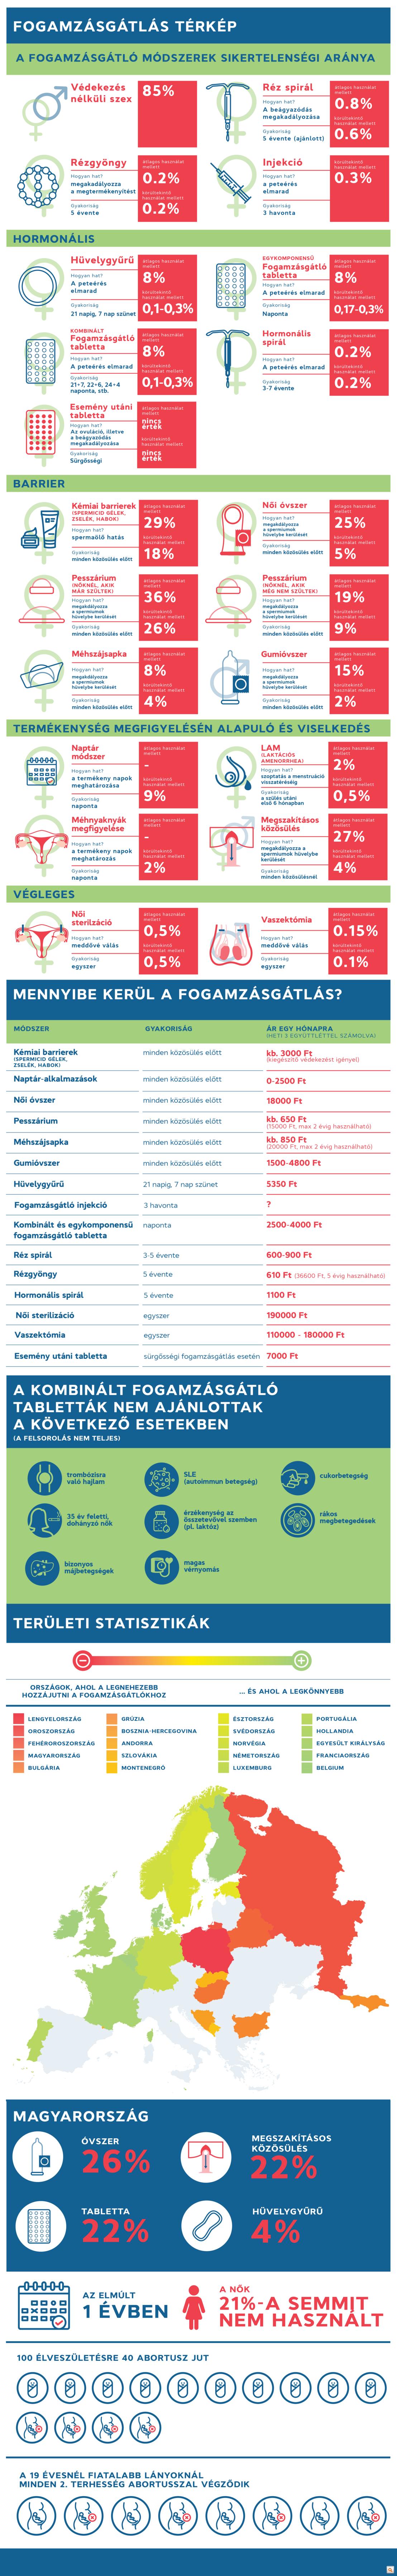 Az infografikához a következő forrásirodalmat használtuk fel: CDC.gov, Hormonmentes.hu, Ragaszkodjhozza.hu